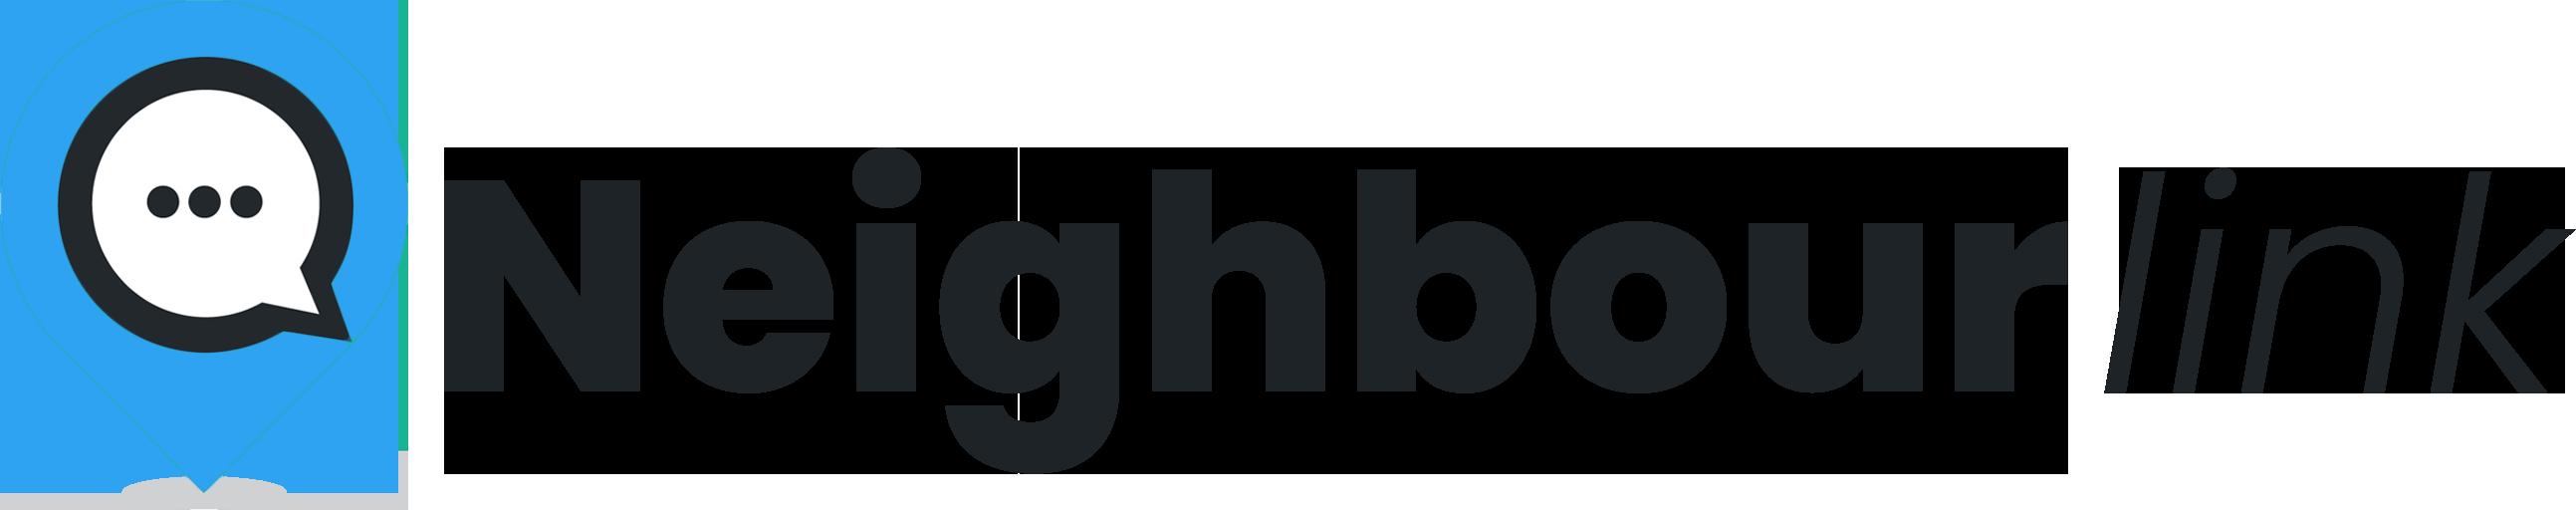 Neighbourlink Info Site